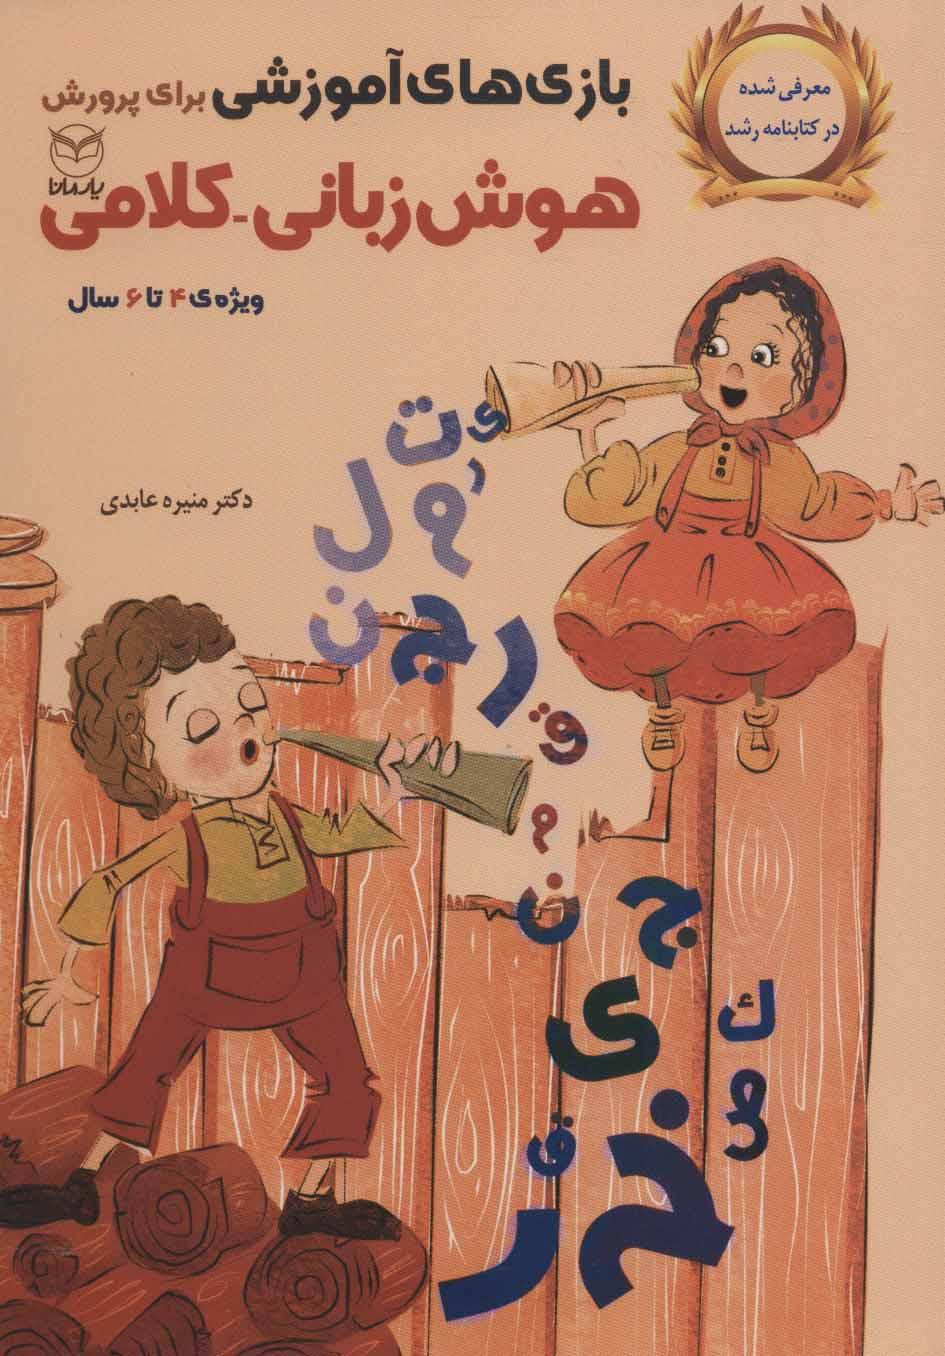 بازی های آموزشی برای پرورش هوش زبانی-کلامی (ویژه ی 4تا6سال)